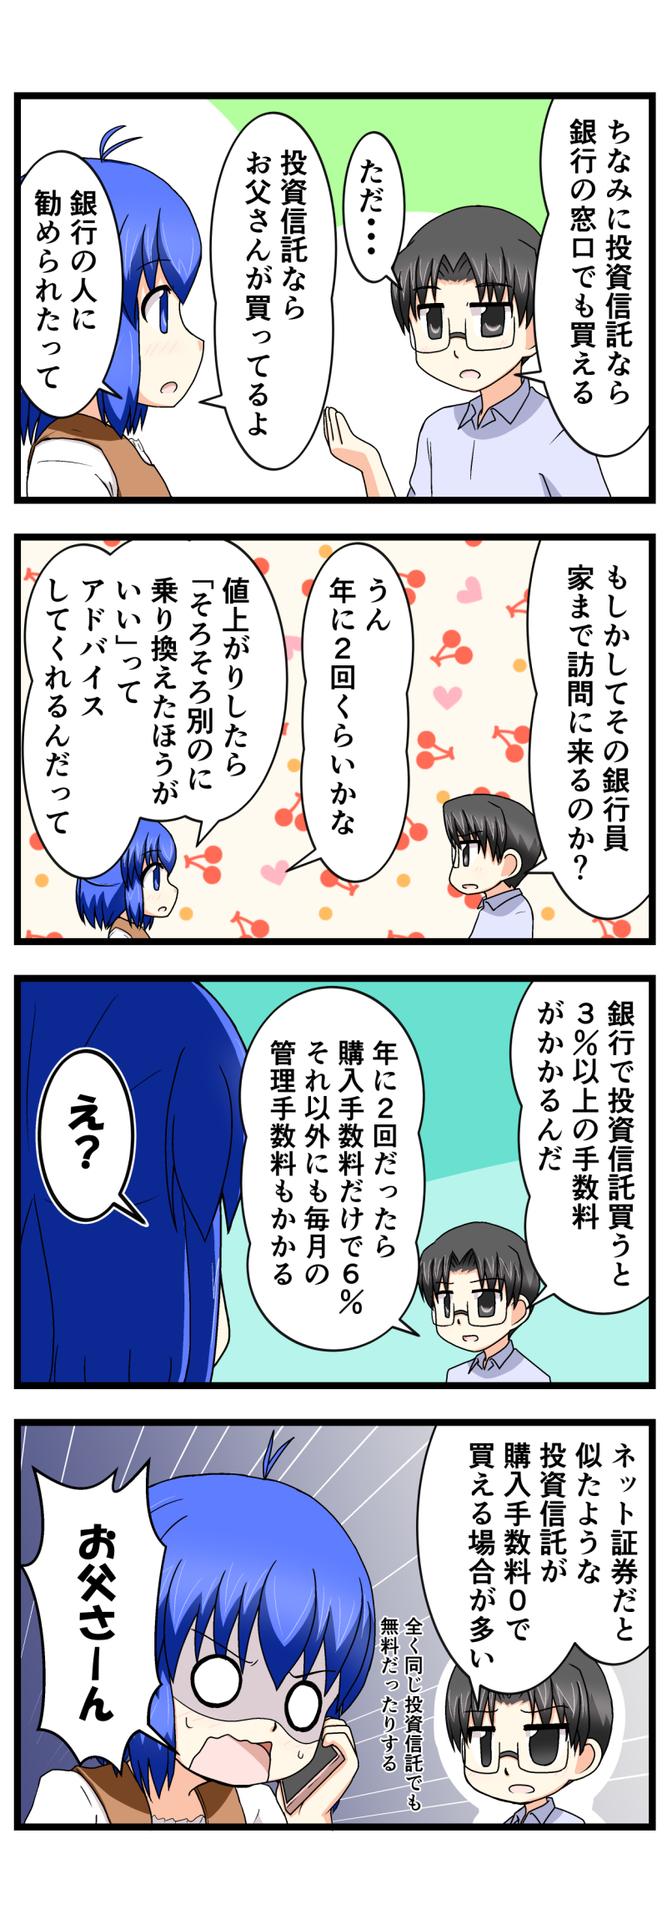 萌える株セミナー69.jpg